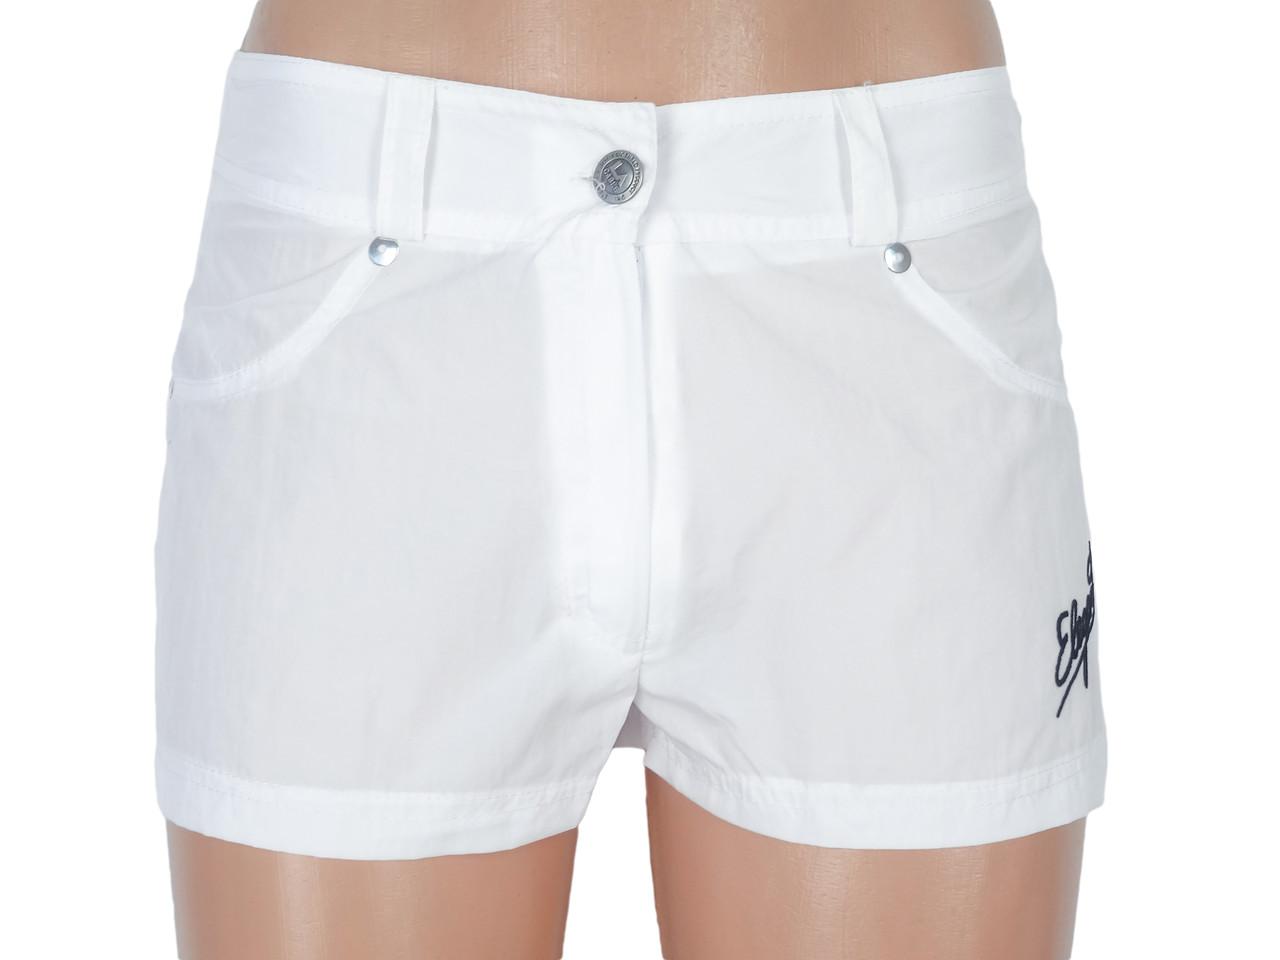 Летние женские короткие шорты 40-46